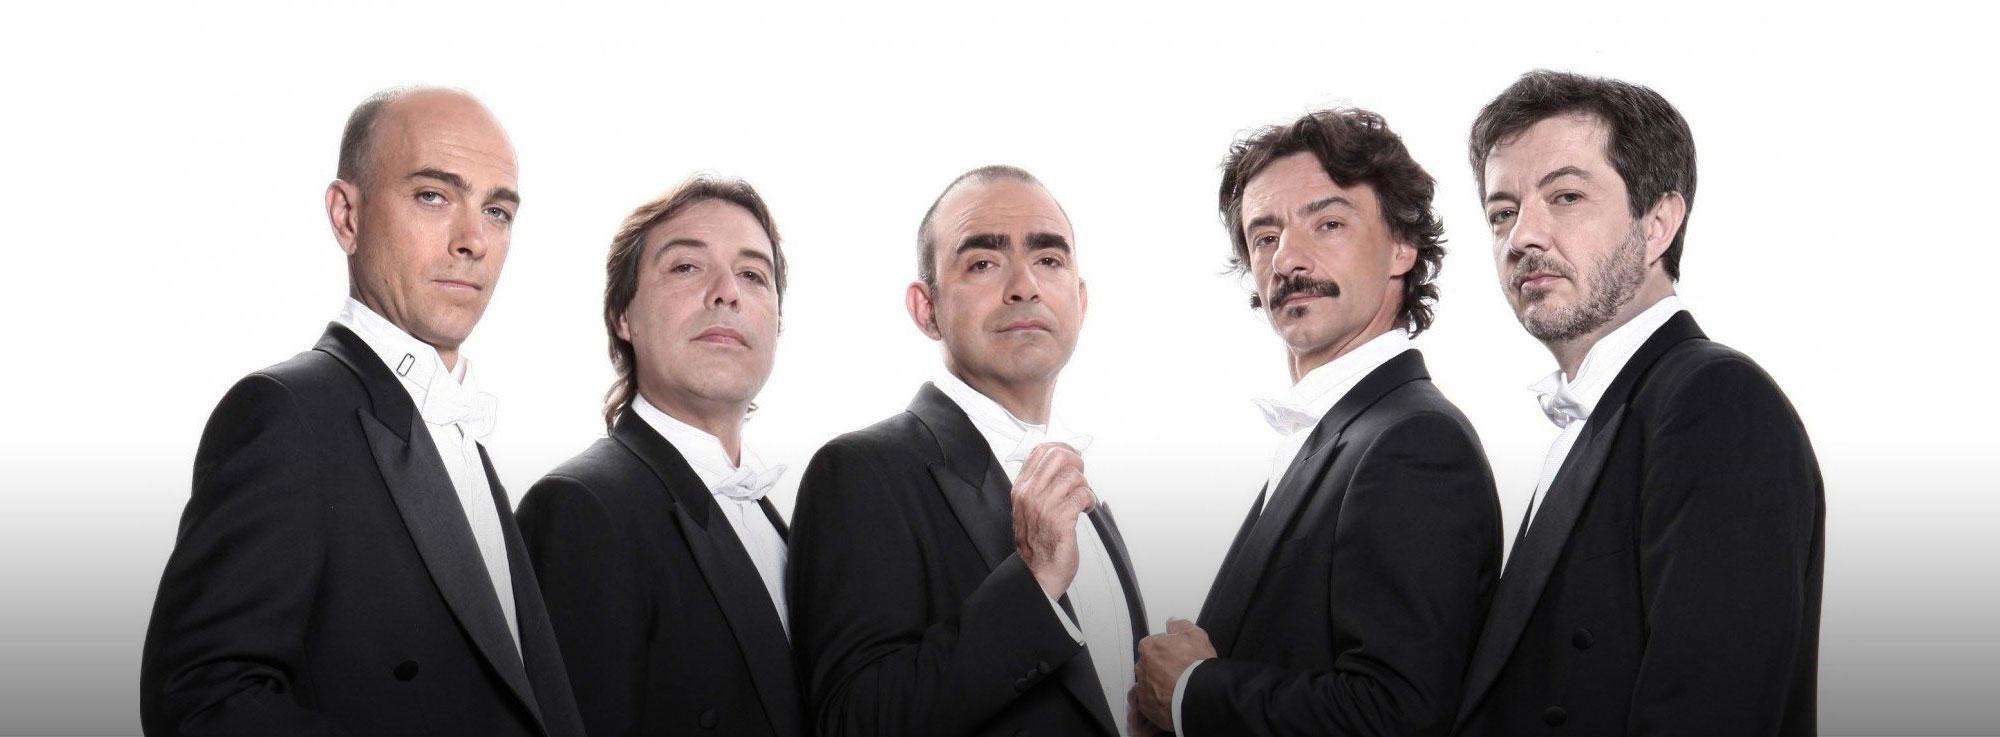 Taranto: Elio e Le Storie Tese in concerto